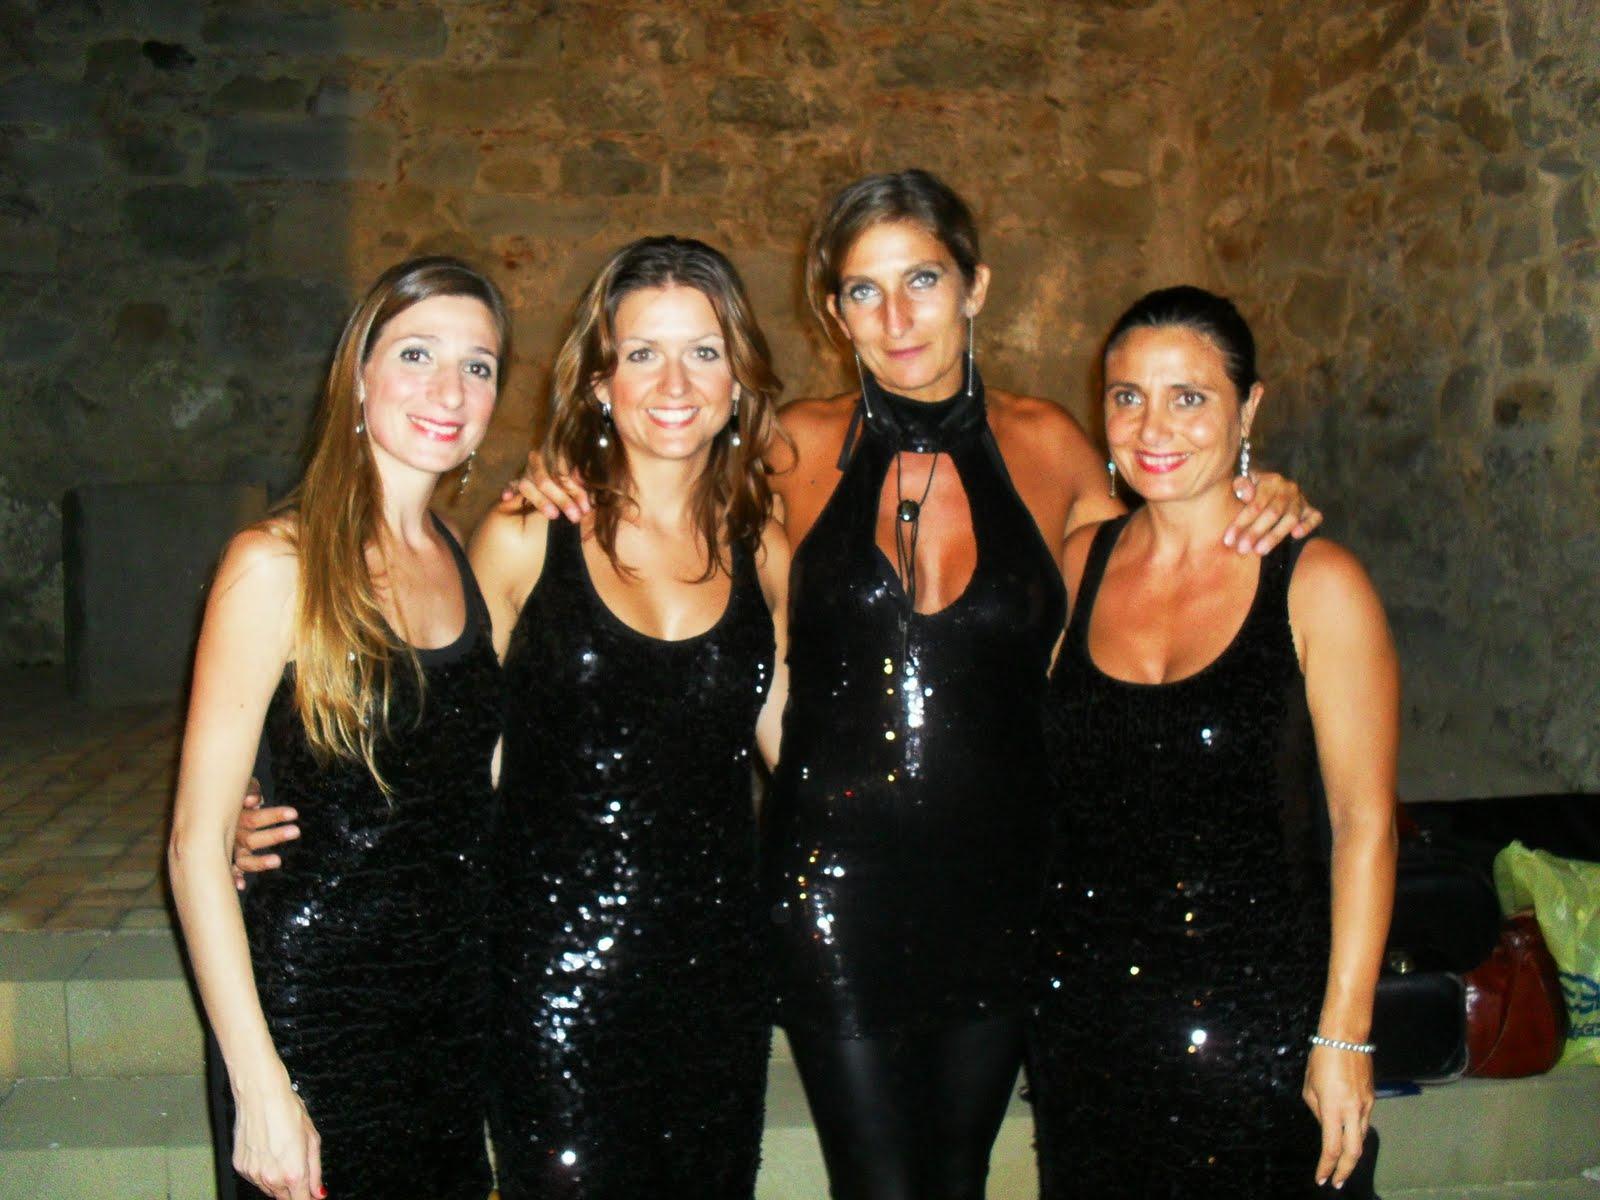 http://2.bp.blogspot.com/_KSQ-yRQAp_c/TG_TefcTUBI/AAAAAAAAAH4/n6P0dsx-bBo/s1600/Divas.JPG